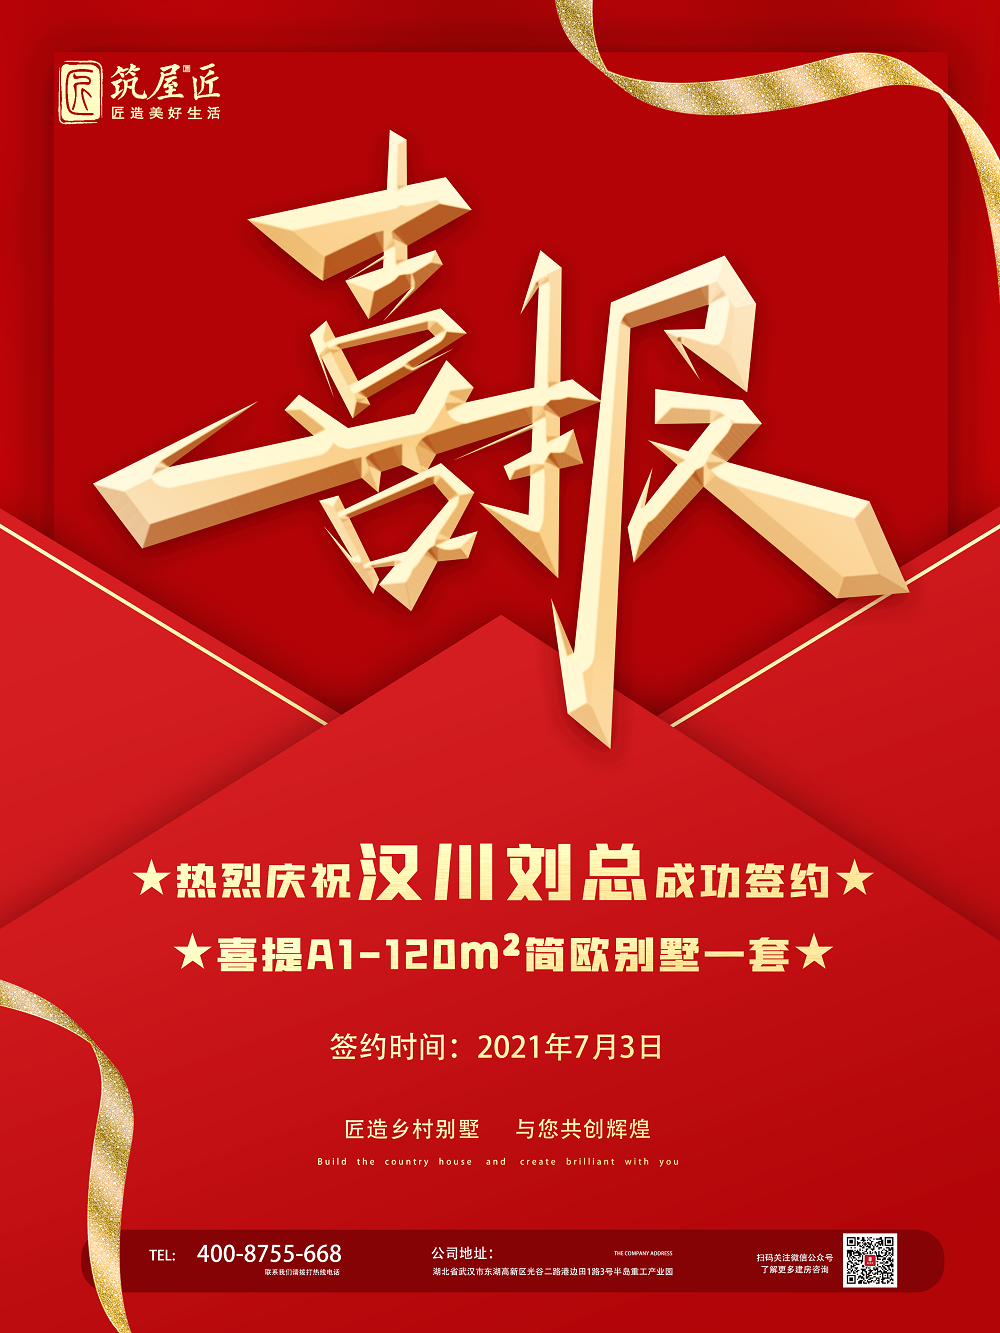 筑屋匠祝贺湖北省汉川市刘总喜提别墅1套!